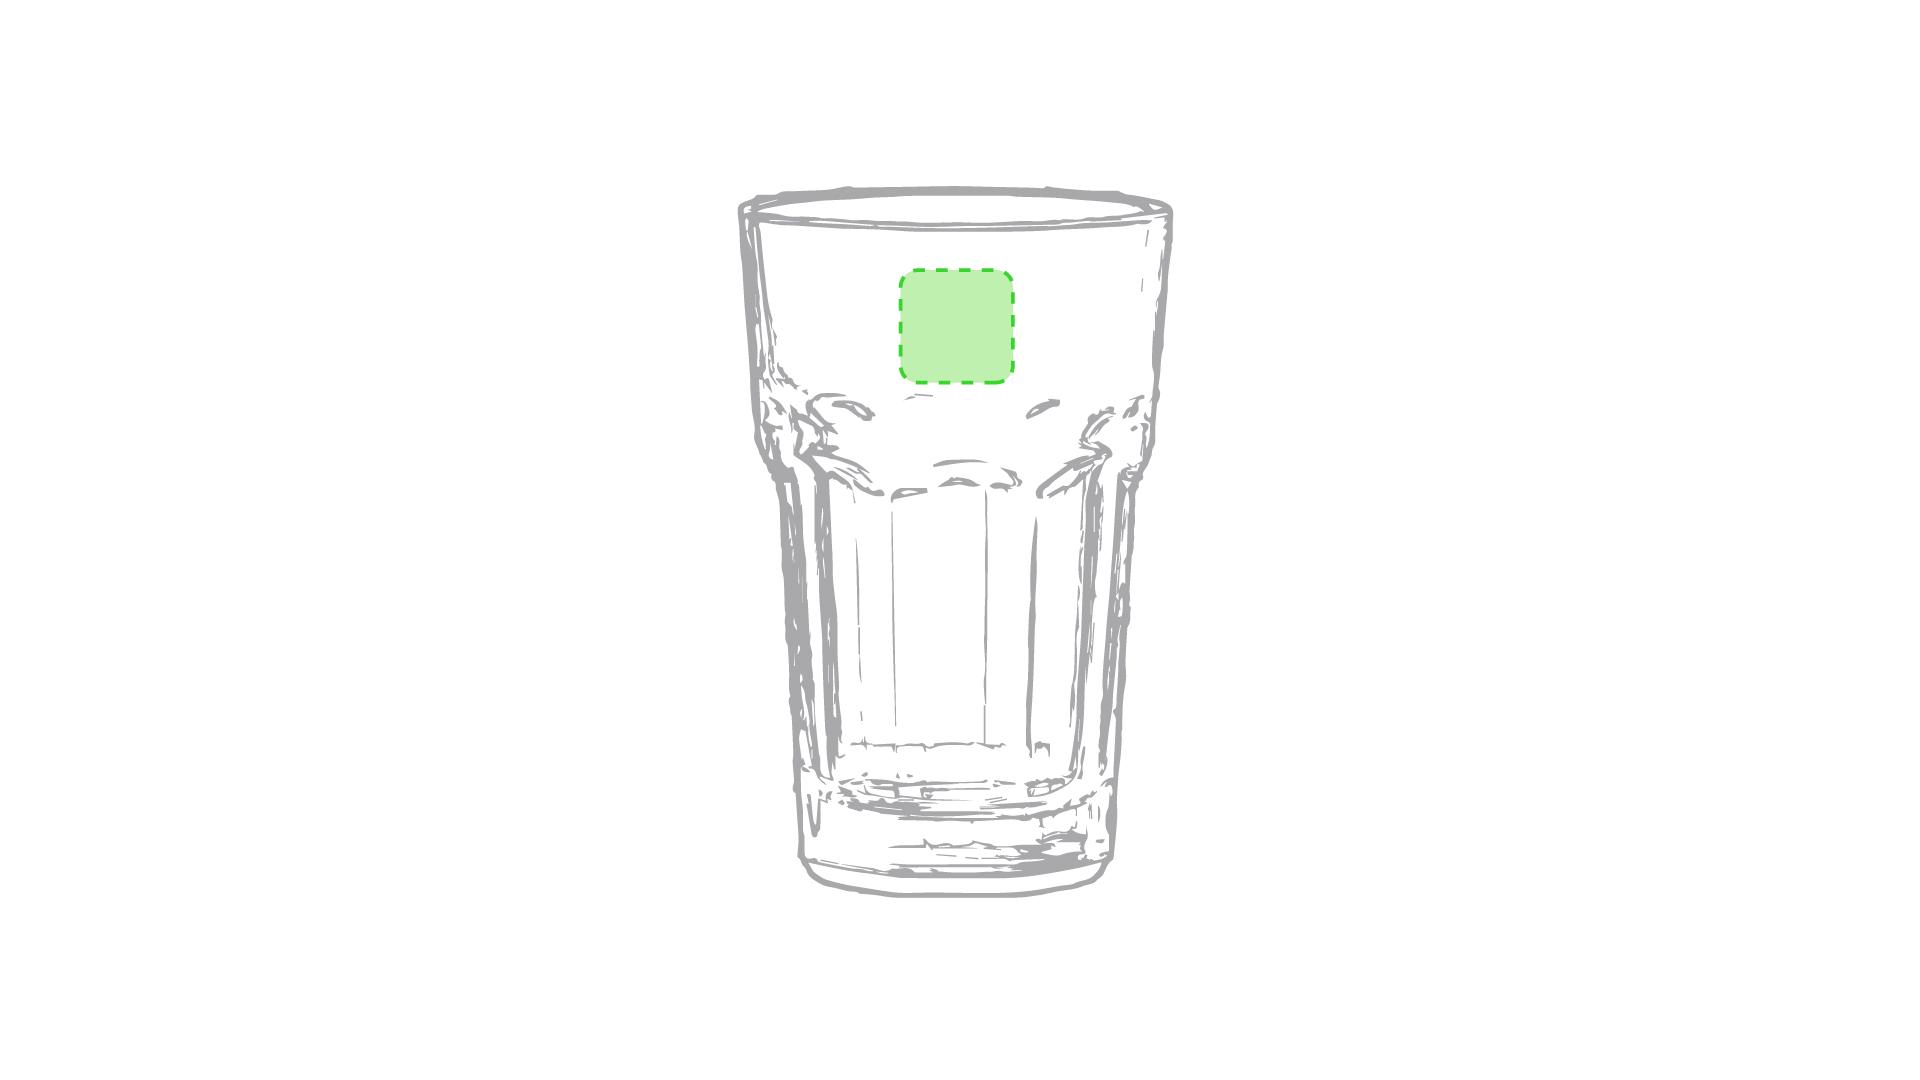 Parte lisa superior del vaso